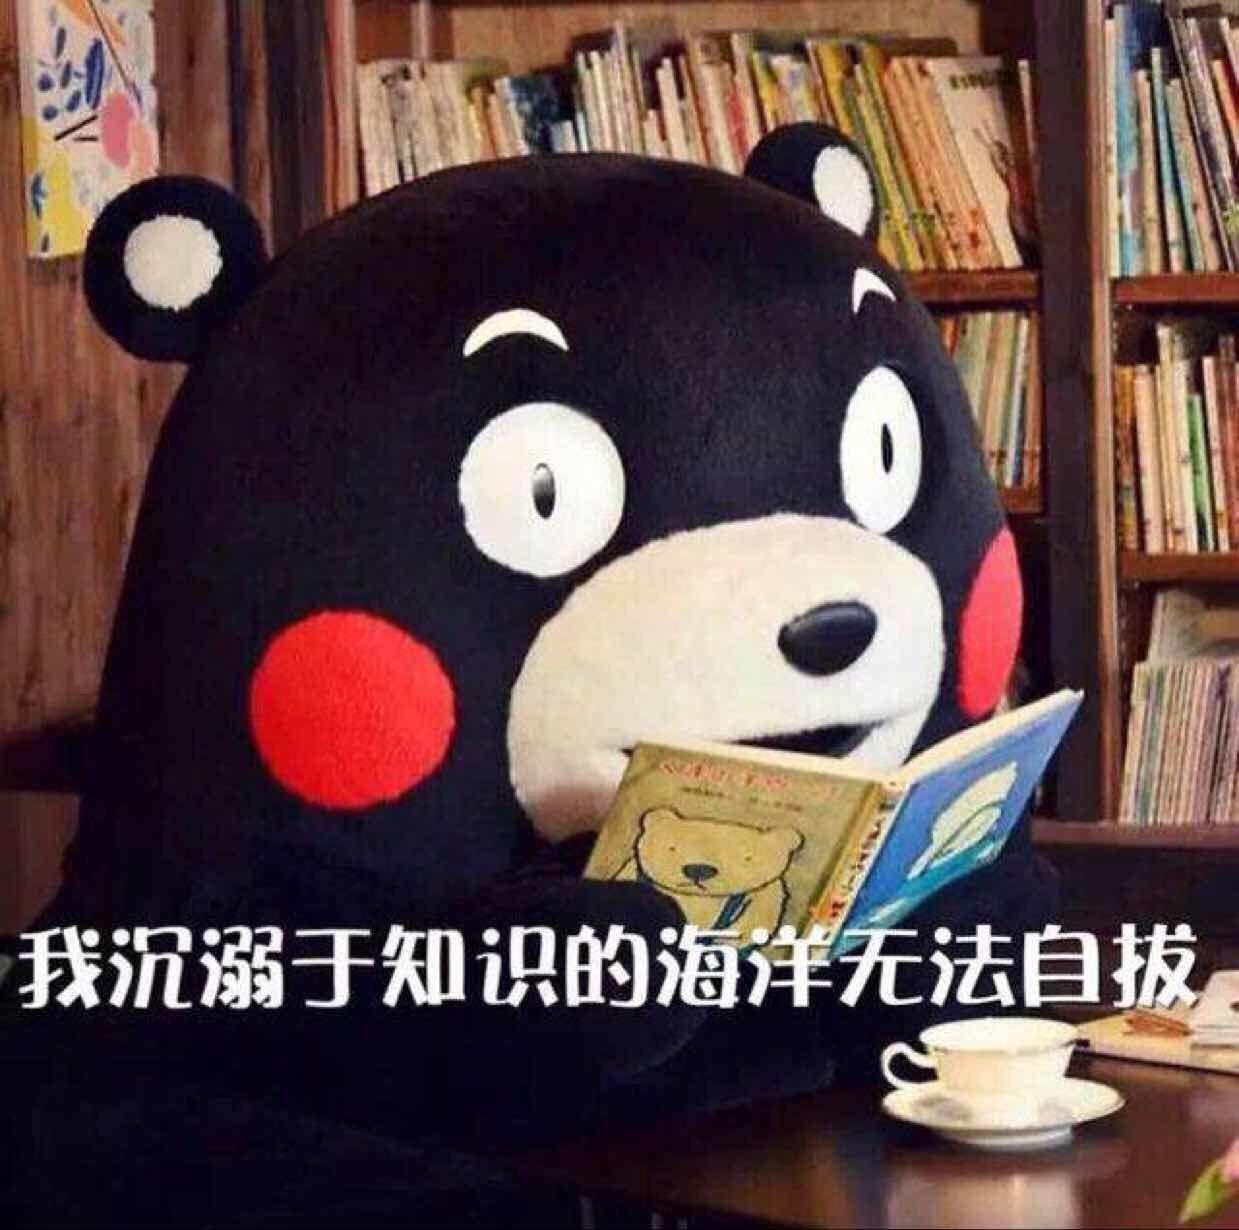 北京蒙娜丽莎婚纱摄影(草场地店)-图片-北京-大众